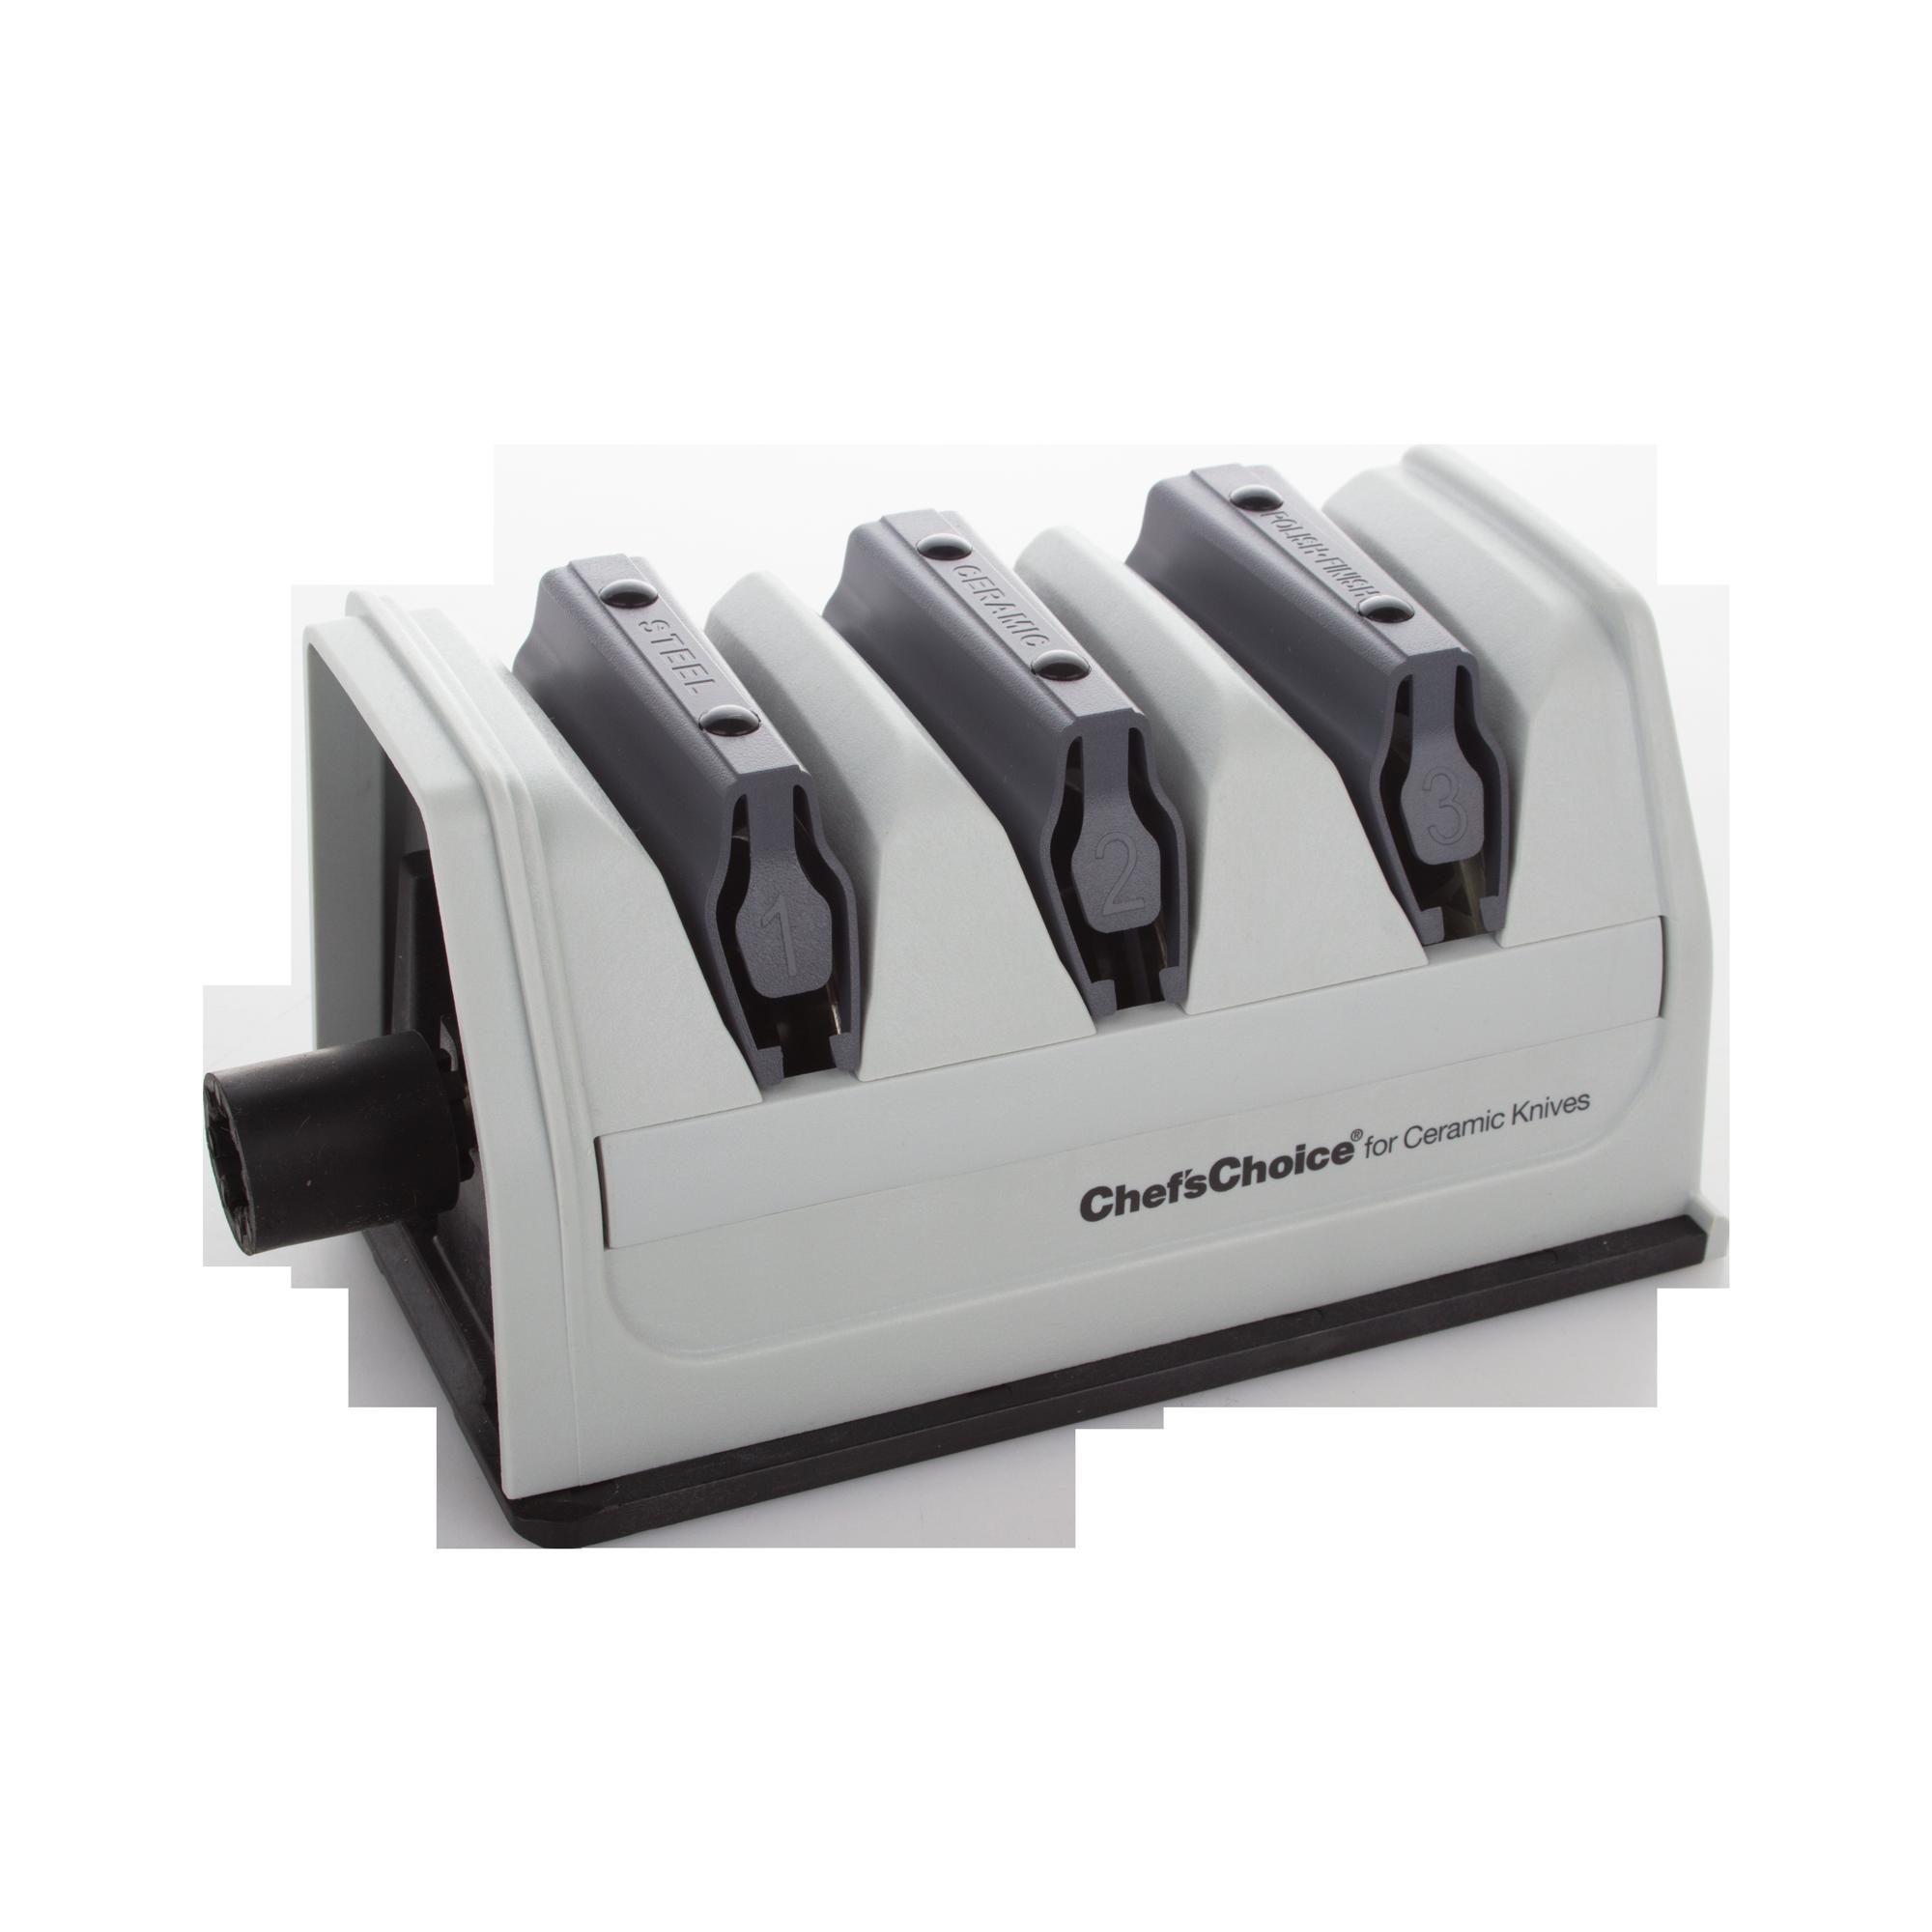 Фото - Запасной точильный модуль для заточки керамических ножей, к станку СС2100 нож к станку для резки арматуры р 55 2 шт vpk нр155505